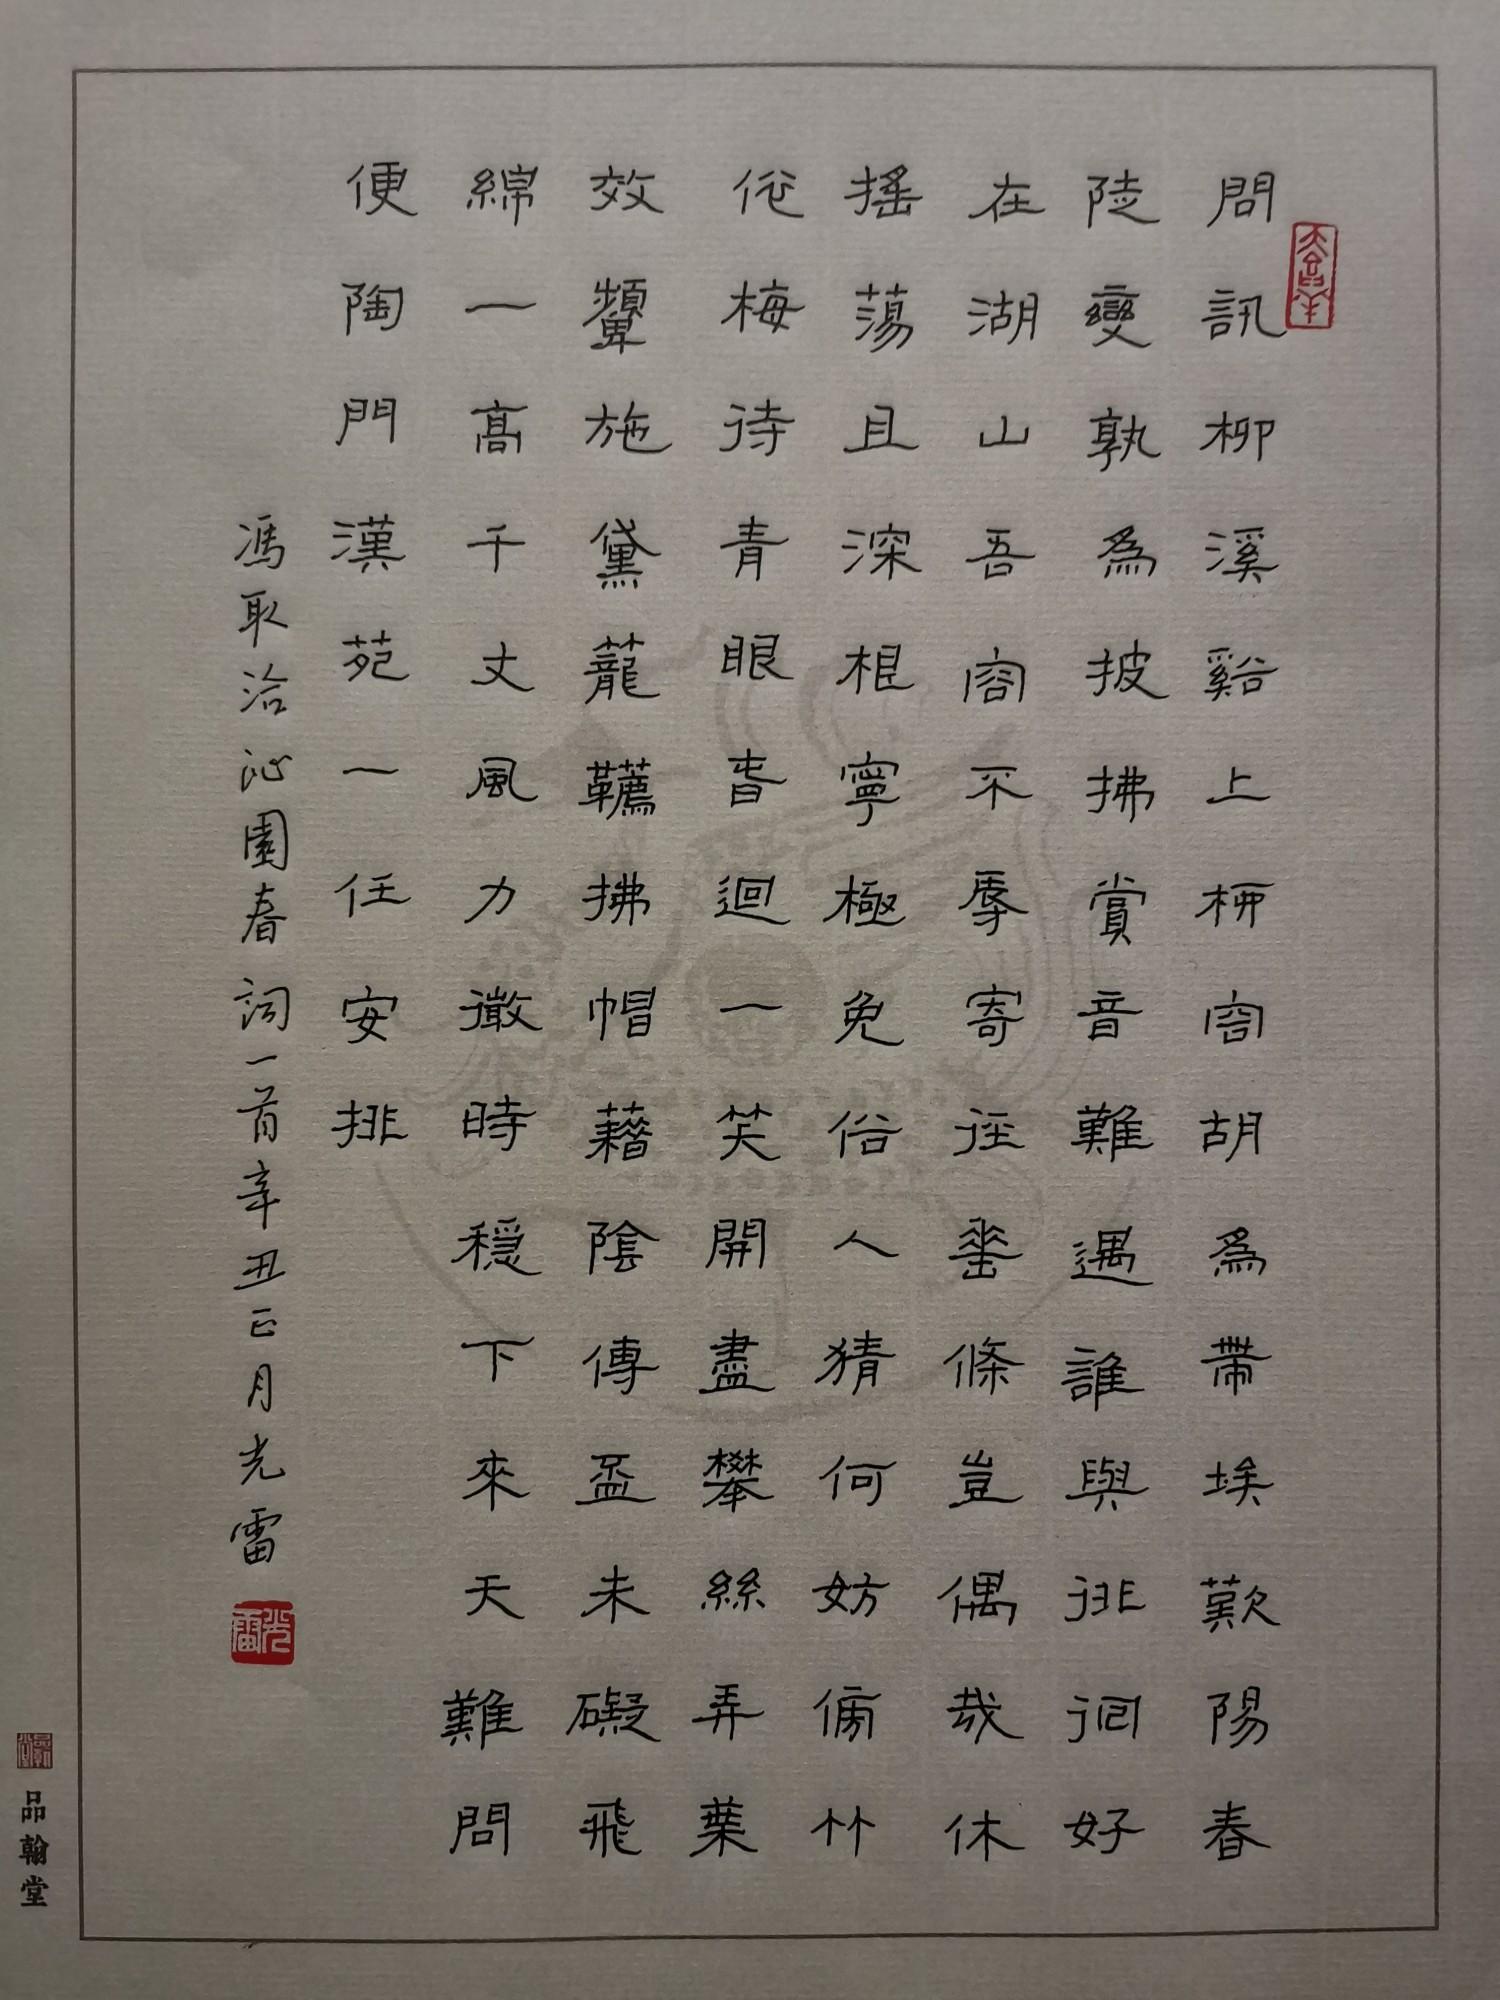 钢笔爱好者练字打卡20210302-12